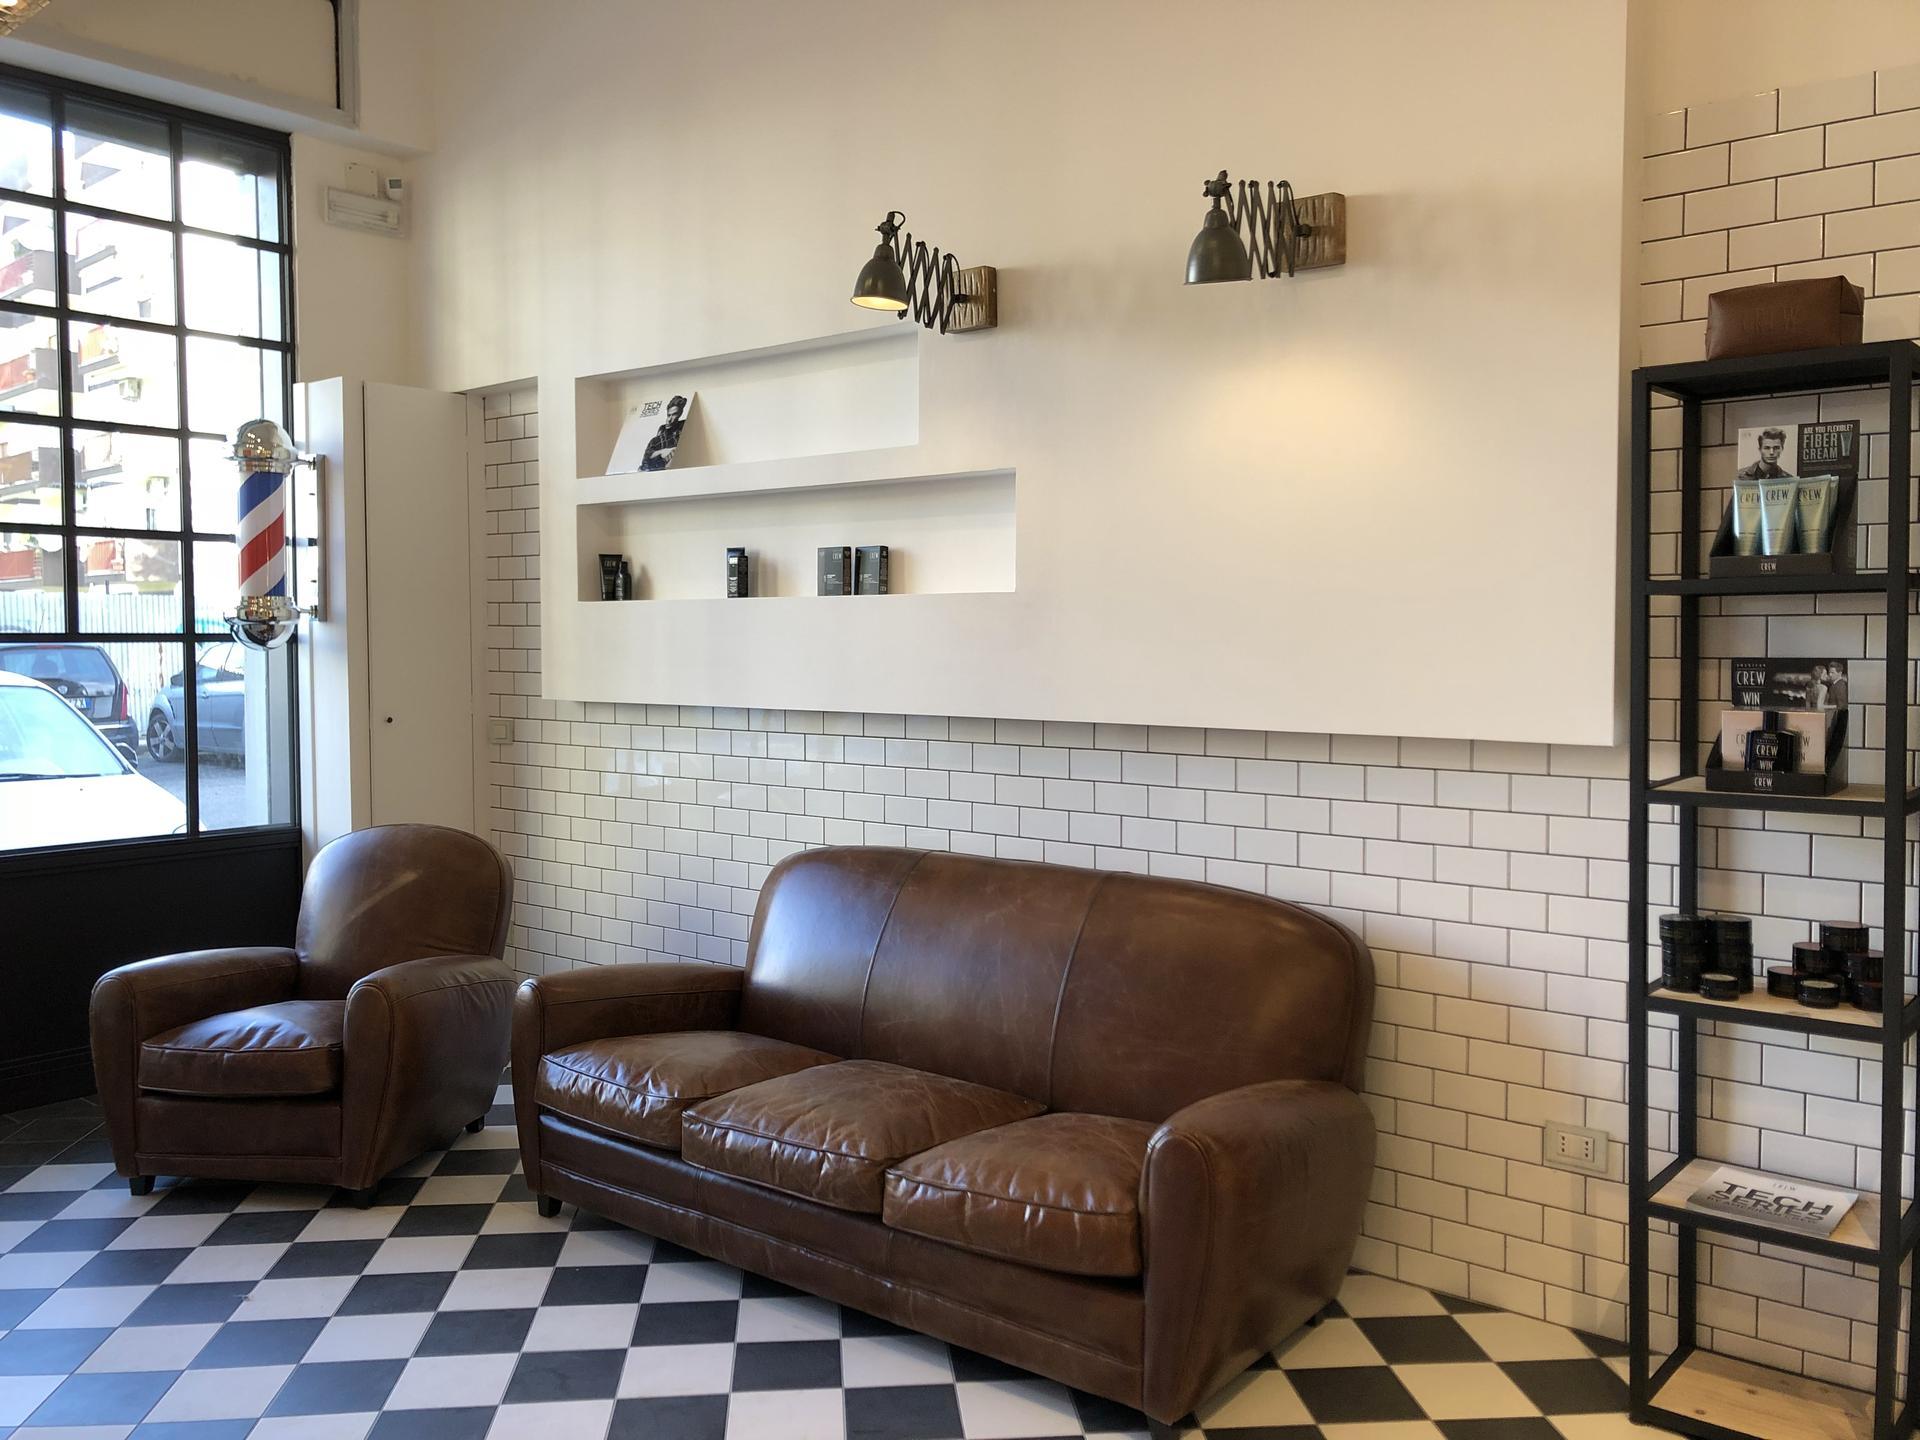 Carreaux de style vintage pour le salon de coiffure de Tarente | Marazzi